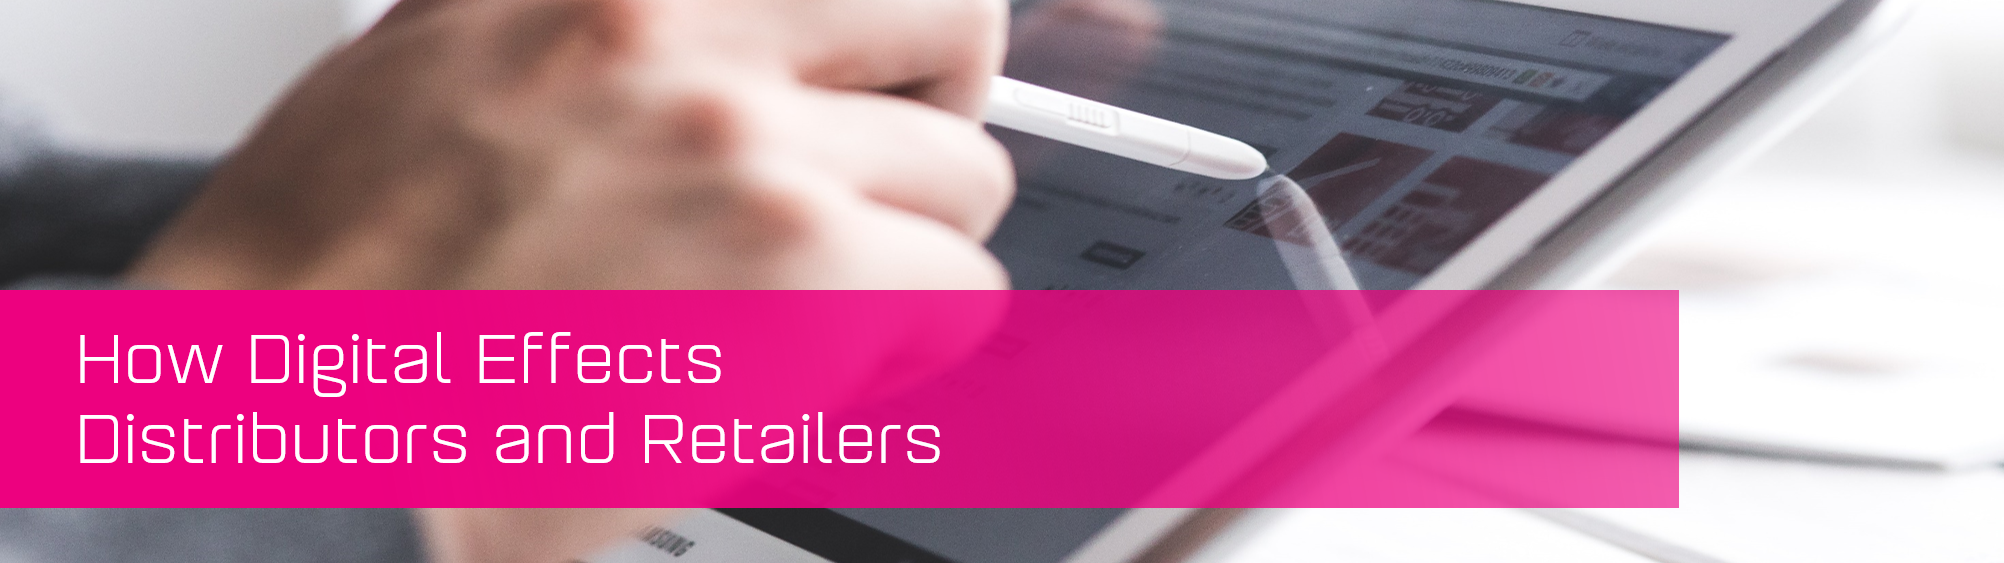 KCS SA - Blog - Digital effects on distributors and retailers